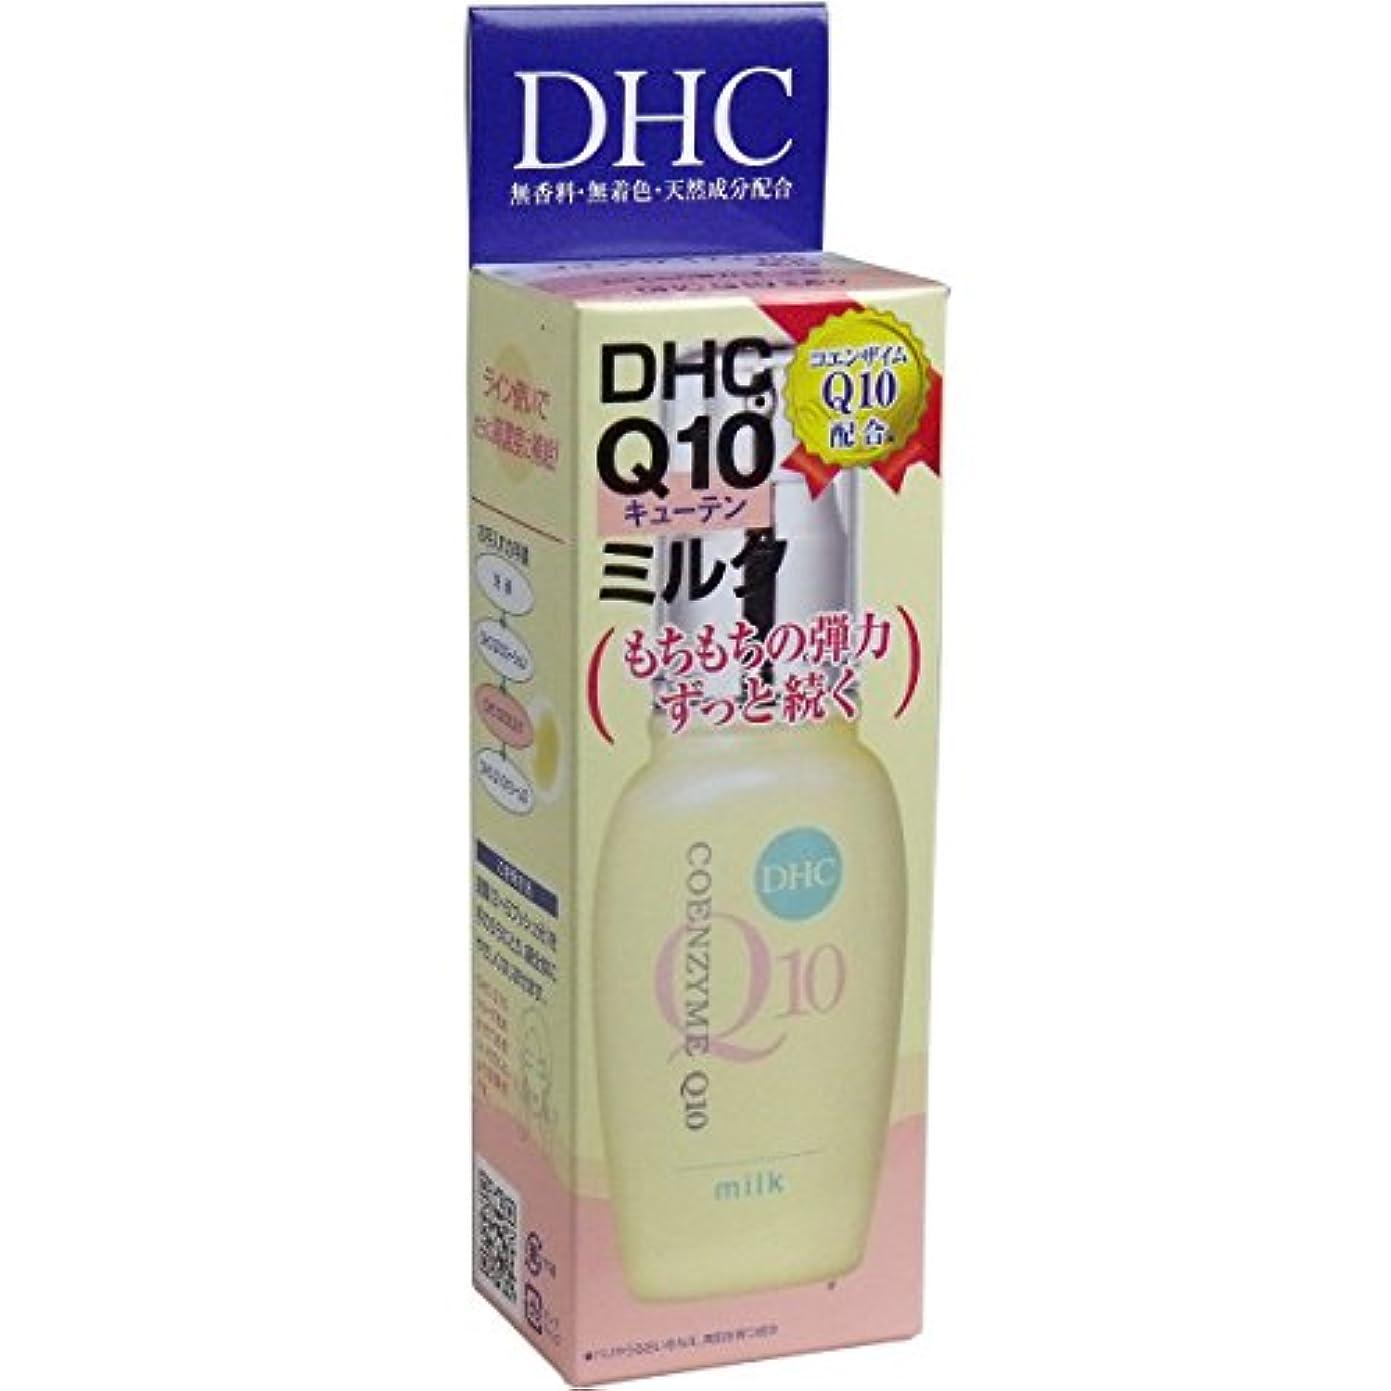 誘惑ルーフ手配する【DHC】DHC Q10ミルク(SS) 40ml ×5個セット